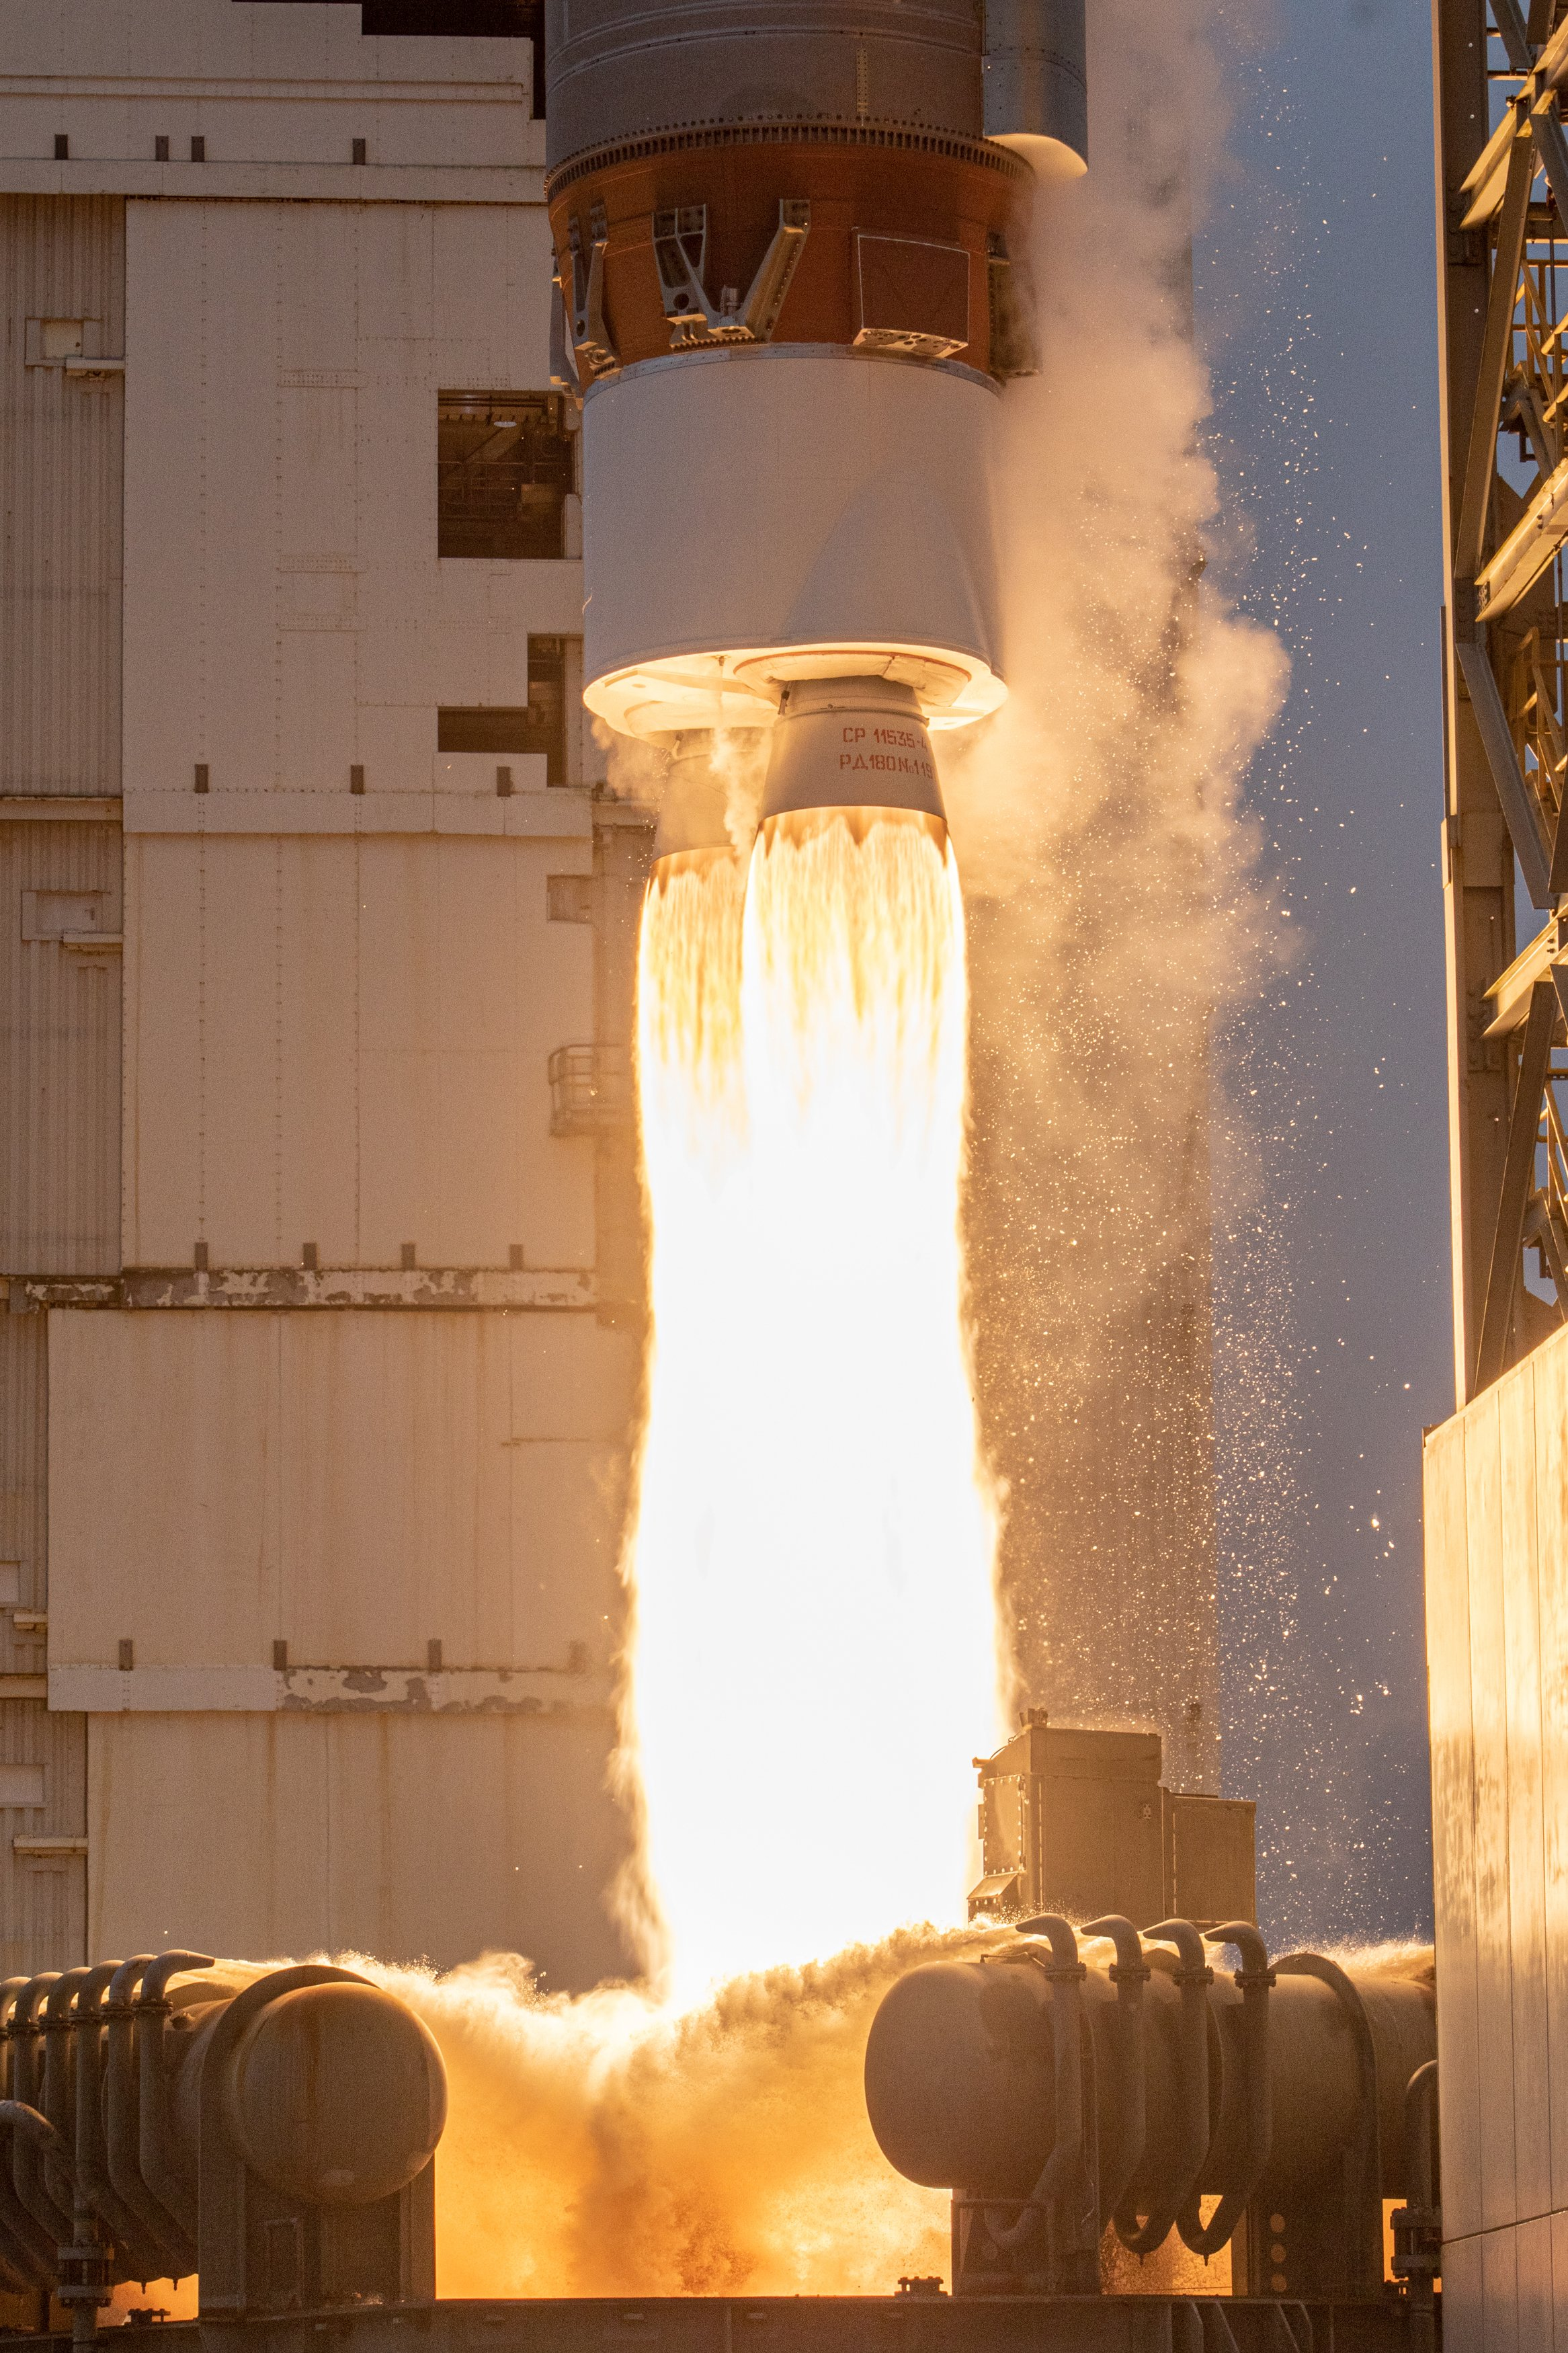 Imaginea 1: Motorul RD-180 al rachetei Atlas V, în timpul lansării satelitului Landsat-9. Sursa: United Launch Alliance.